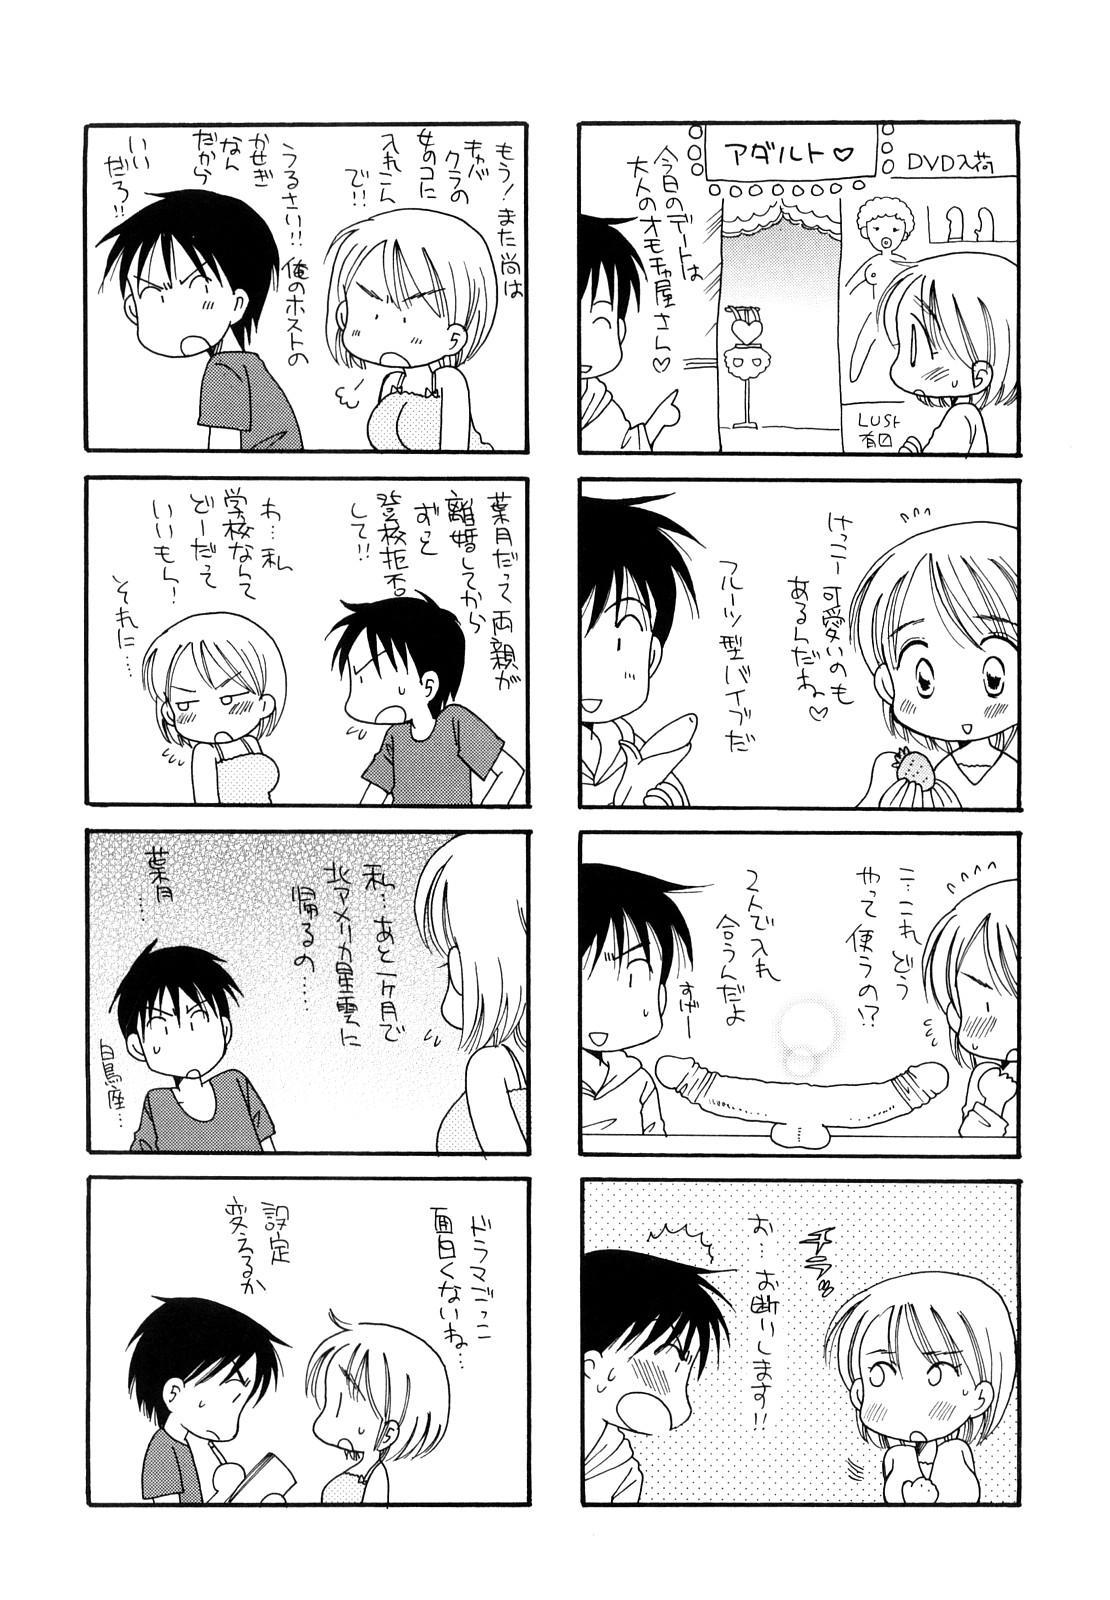 Houkago Nyan Nyan 203